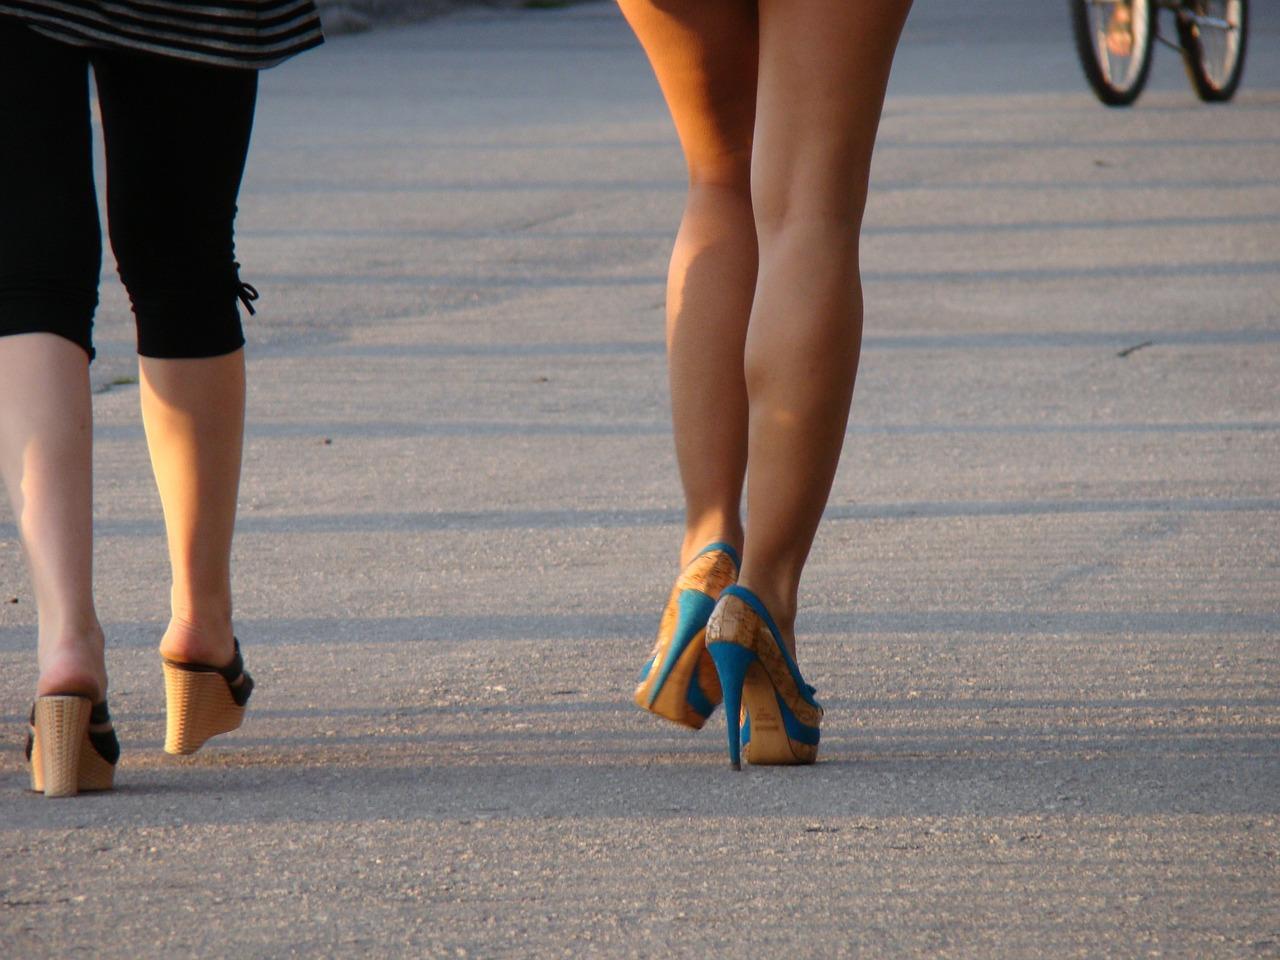 heels_1467075996.jpg